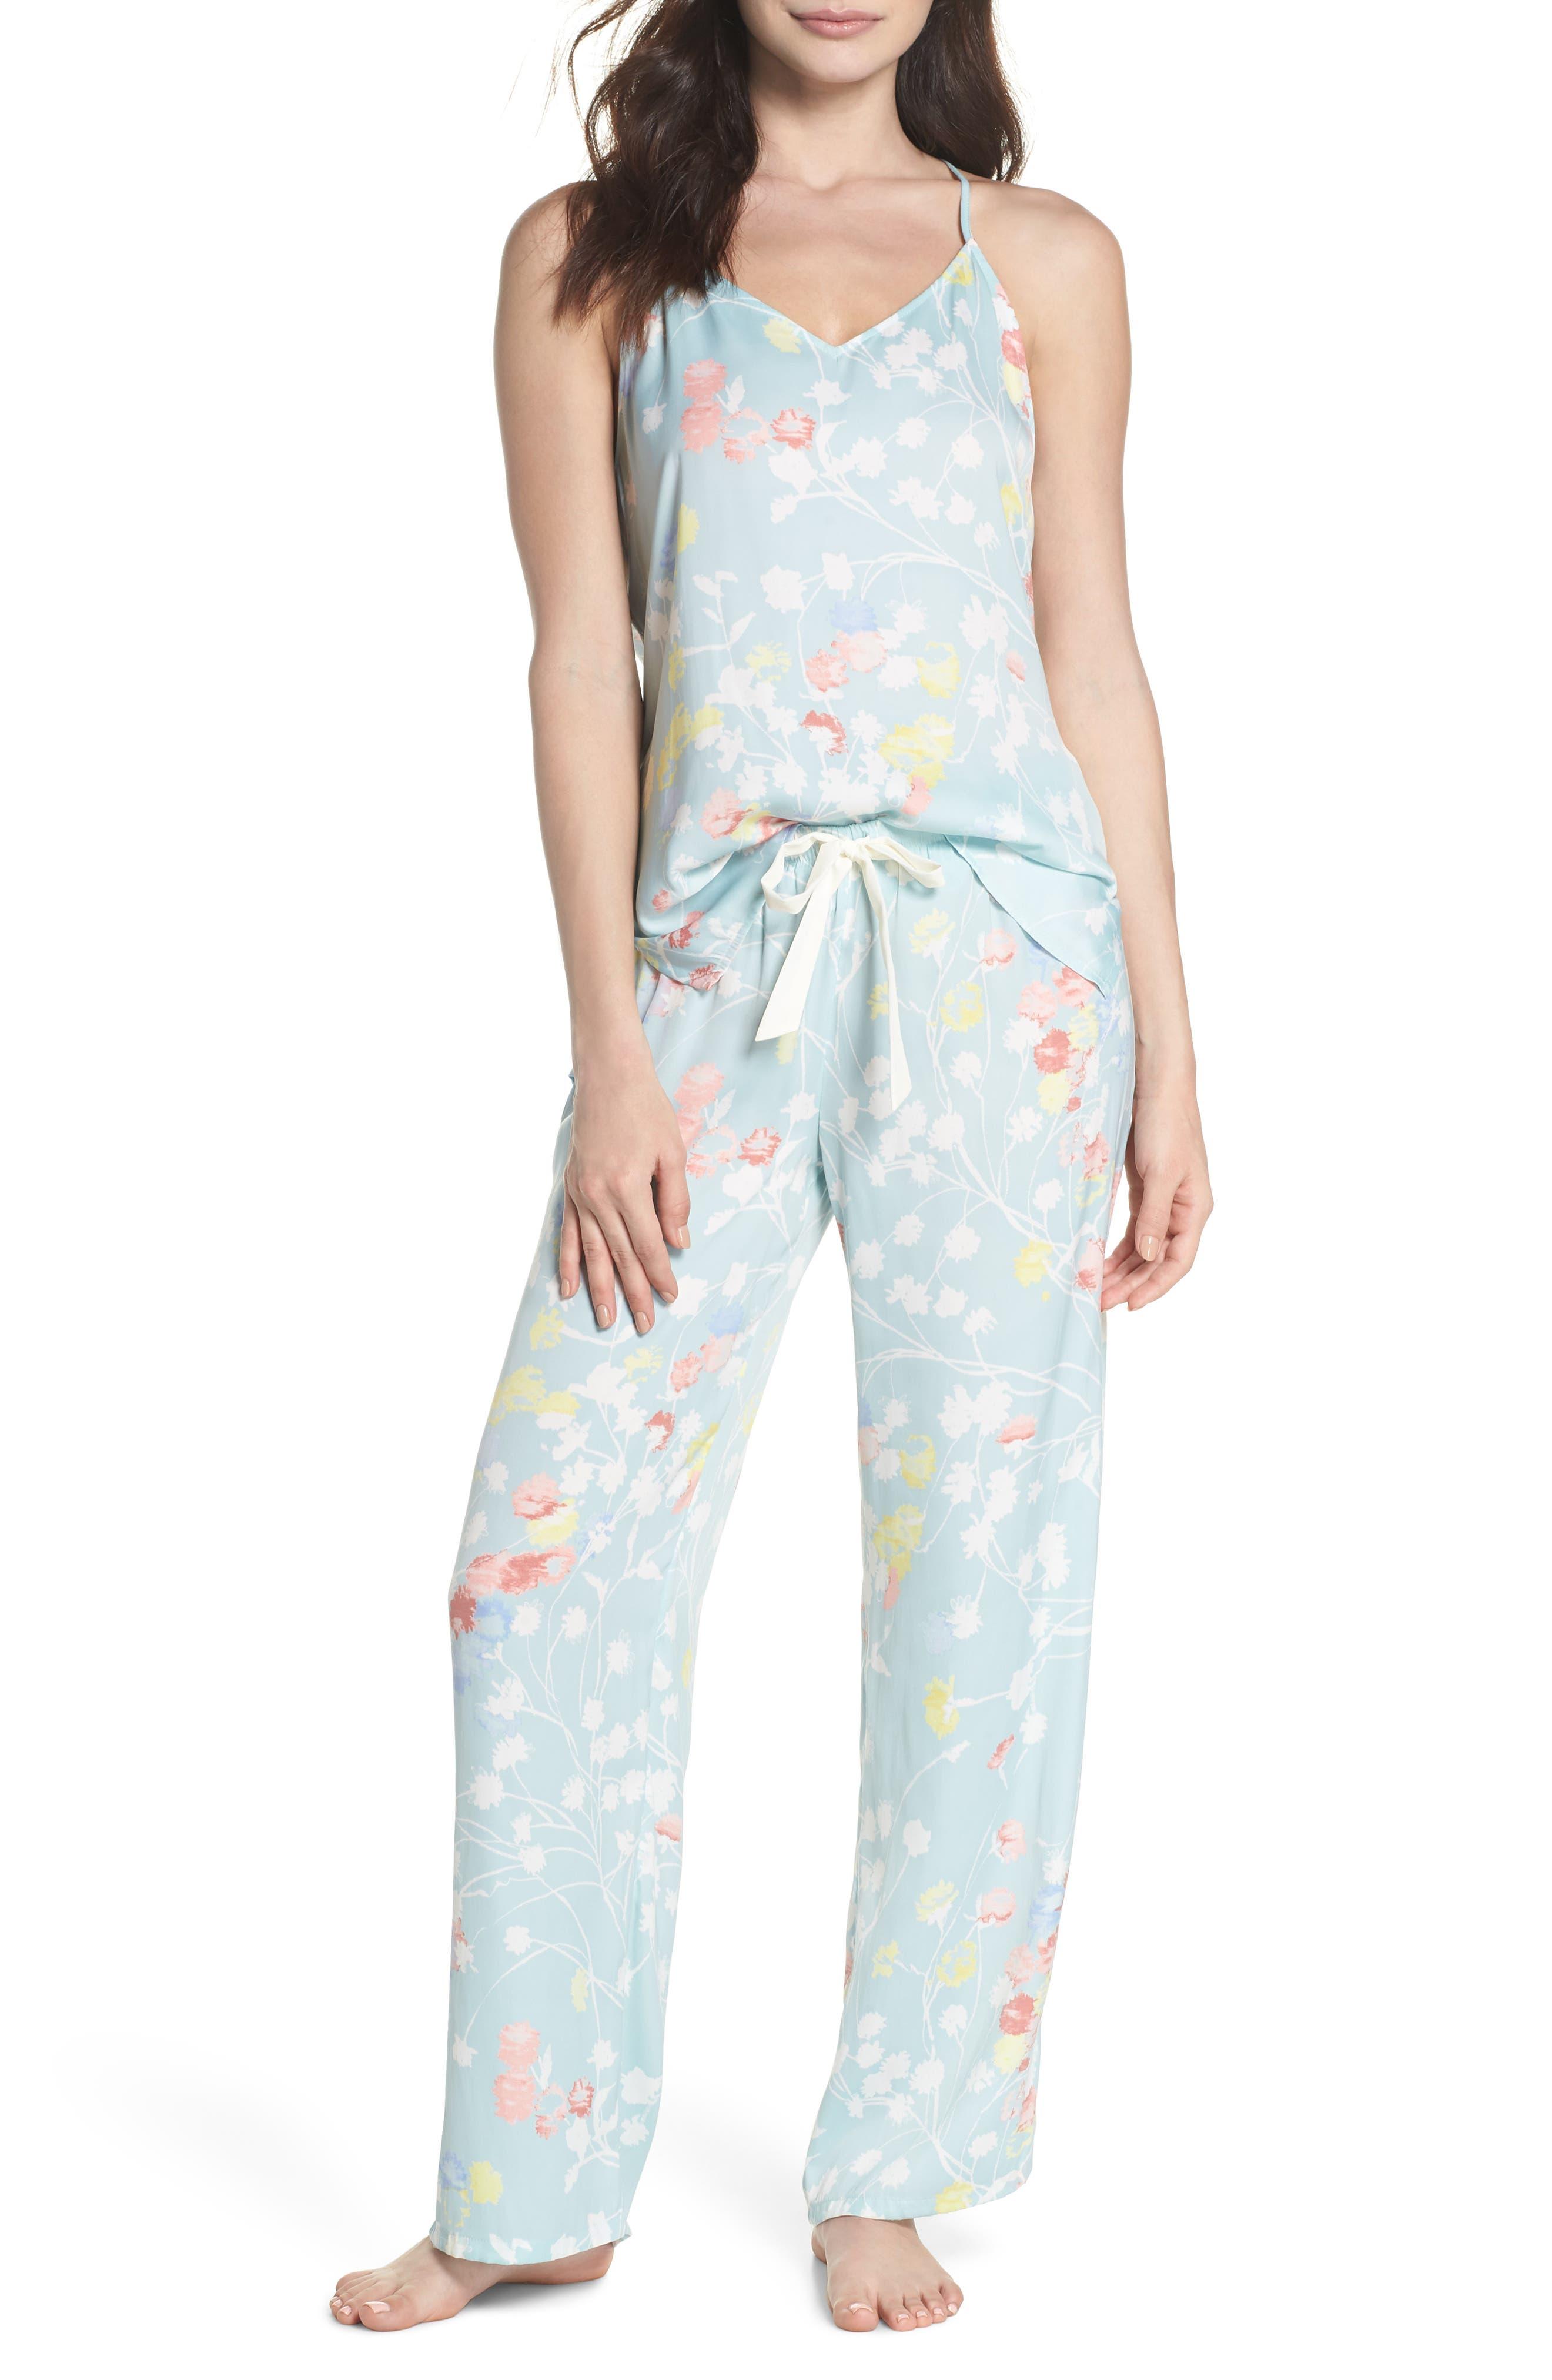 Bardot Dreamland Pajamas,                         Main,                         color, Sgb Seaglass